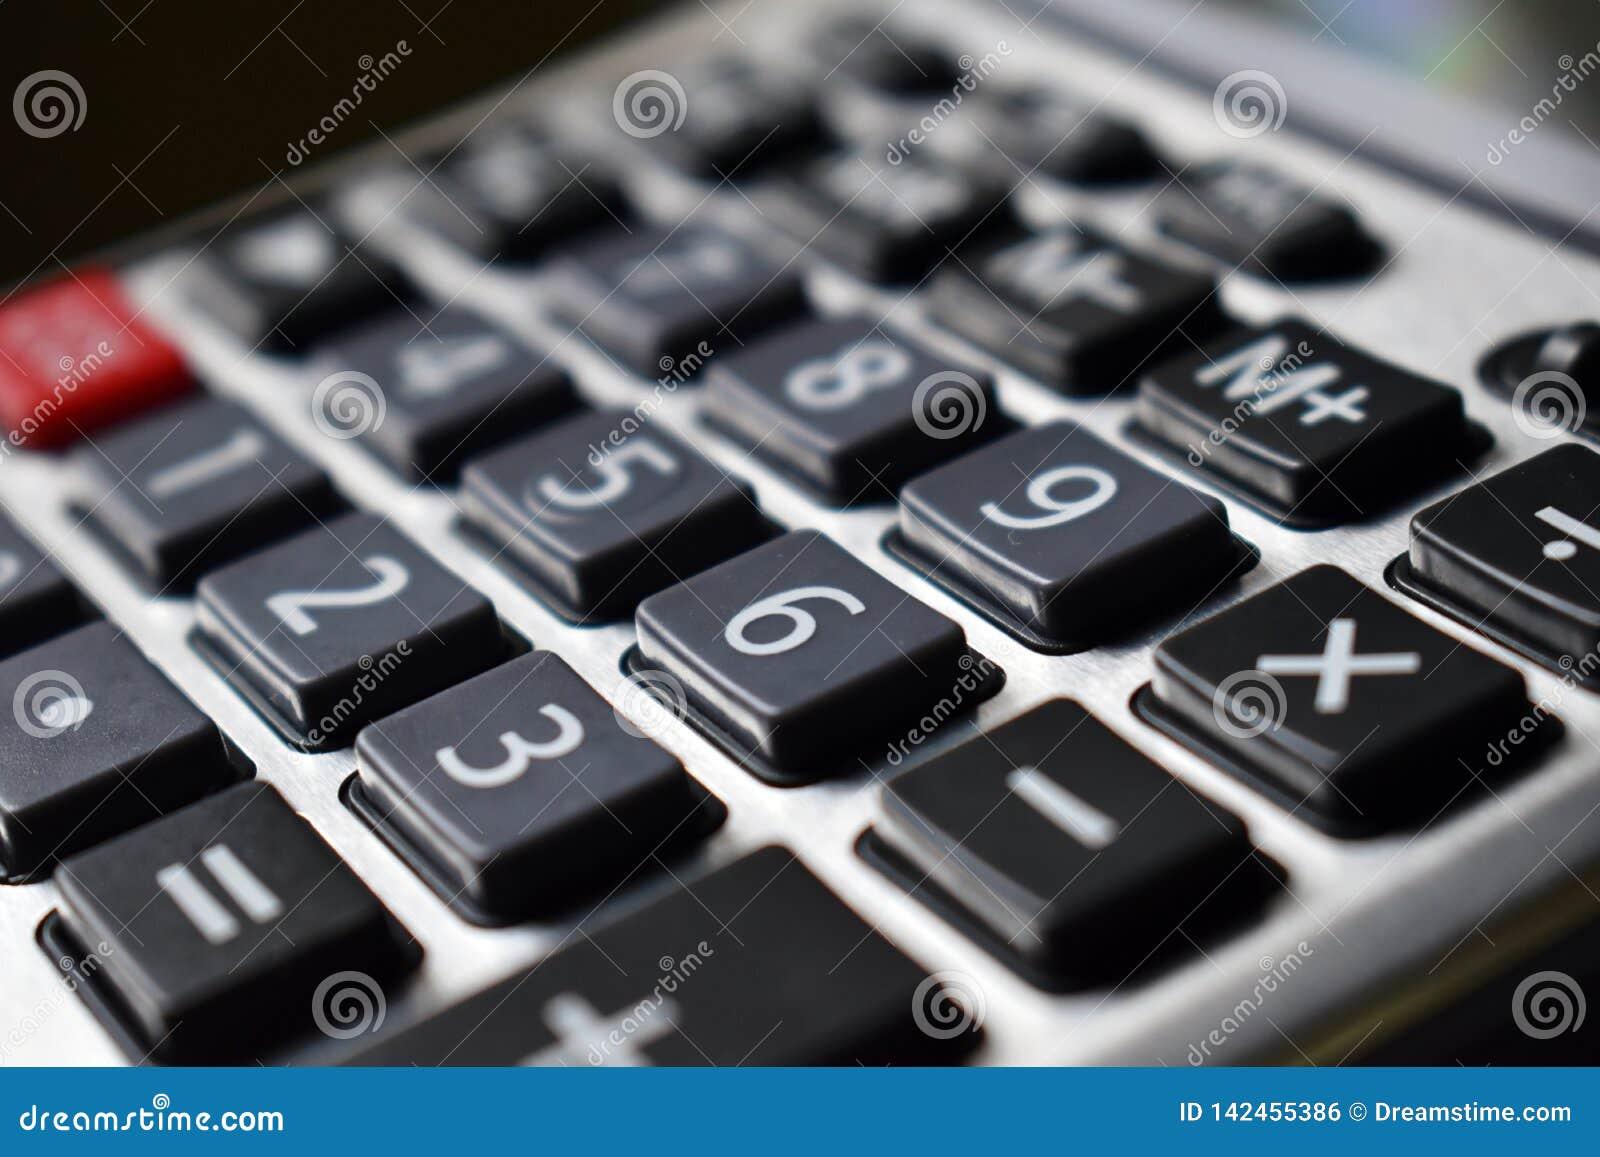 Chaves do preto da calculadora com números brancos e o um botão vermelho